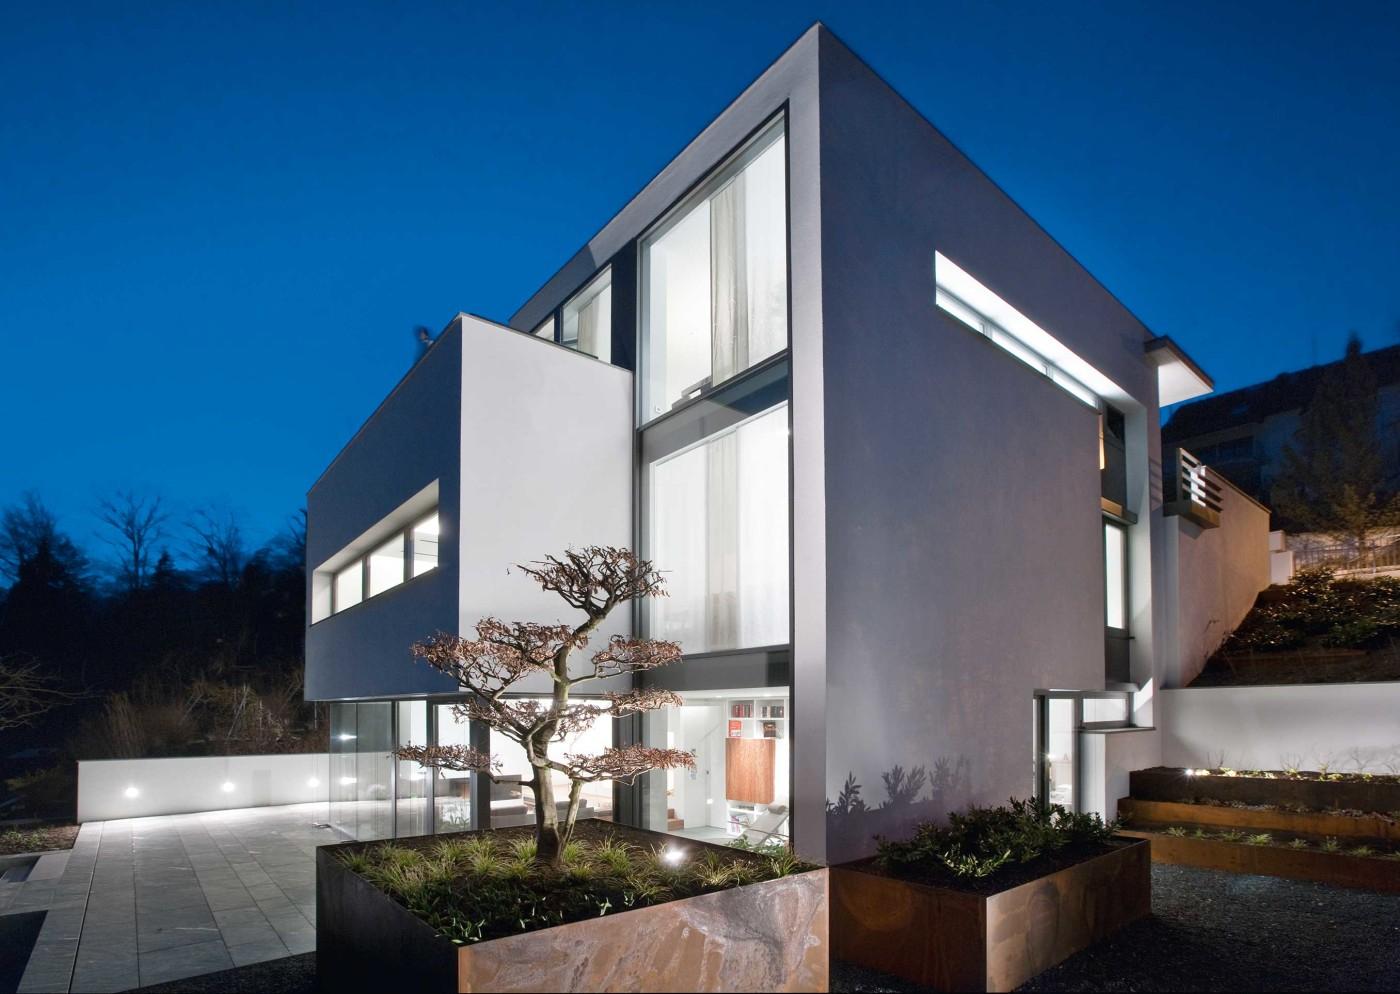 Architektur Wohnhaus Fuchs Und Wacker Bemerkenswert On Andere Innerhalb Uncategorized Geräumiges 2